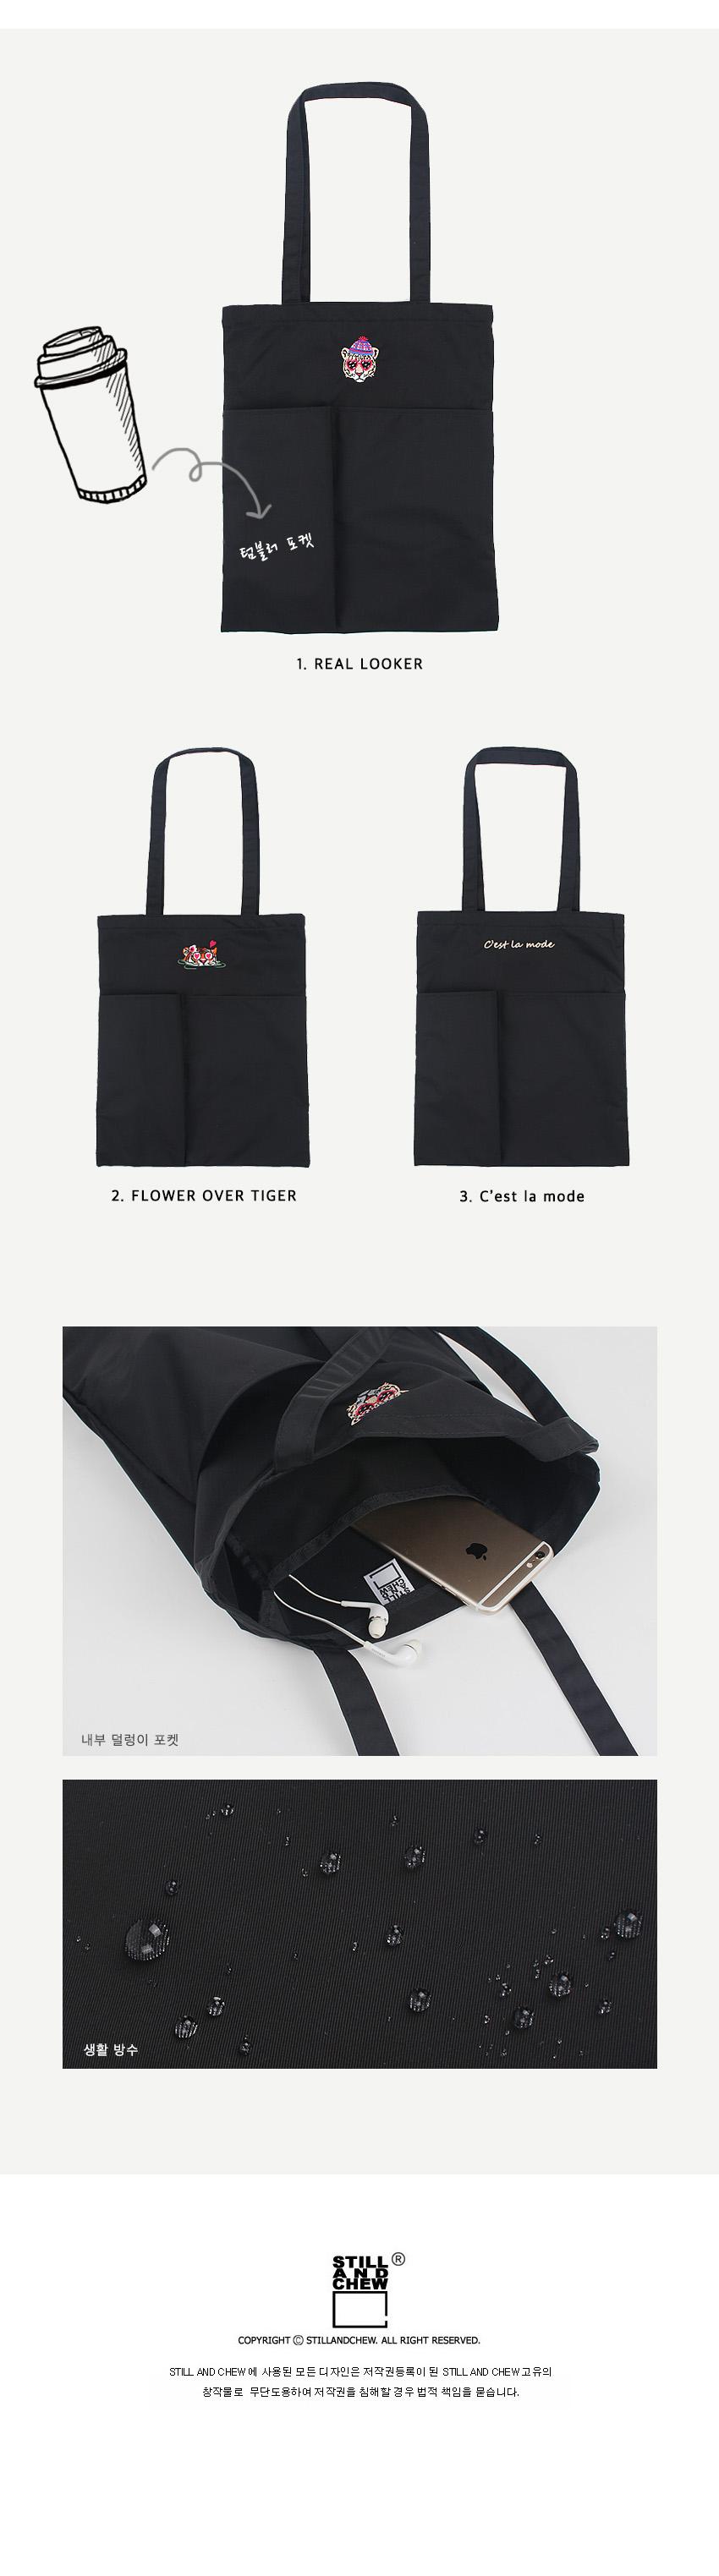 TUMBLER BAG23,000원-스틸앤츄패션잡화, 가방, 숄더백, 캔버스패브릭숄더백바보사랑TUMBLER BAG23,000원-스틸앤츄패션잡화, 가방, 숄더백, 캔버스패브릭숄더백바보사랑